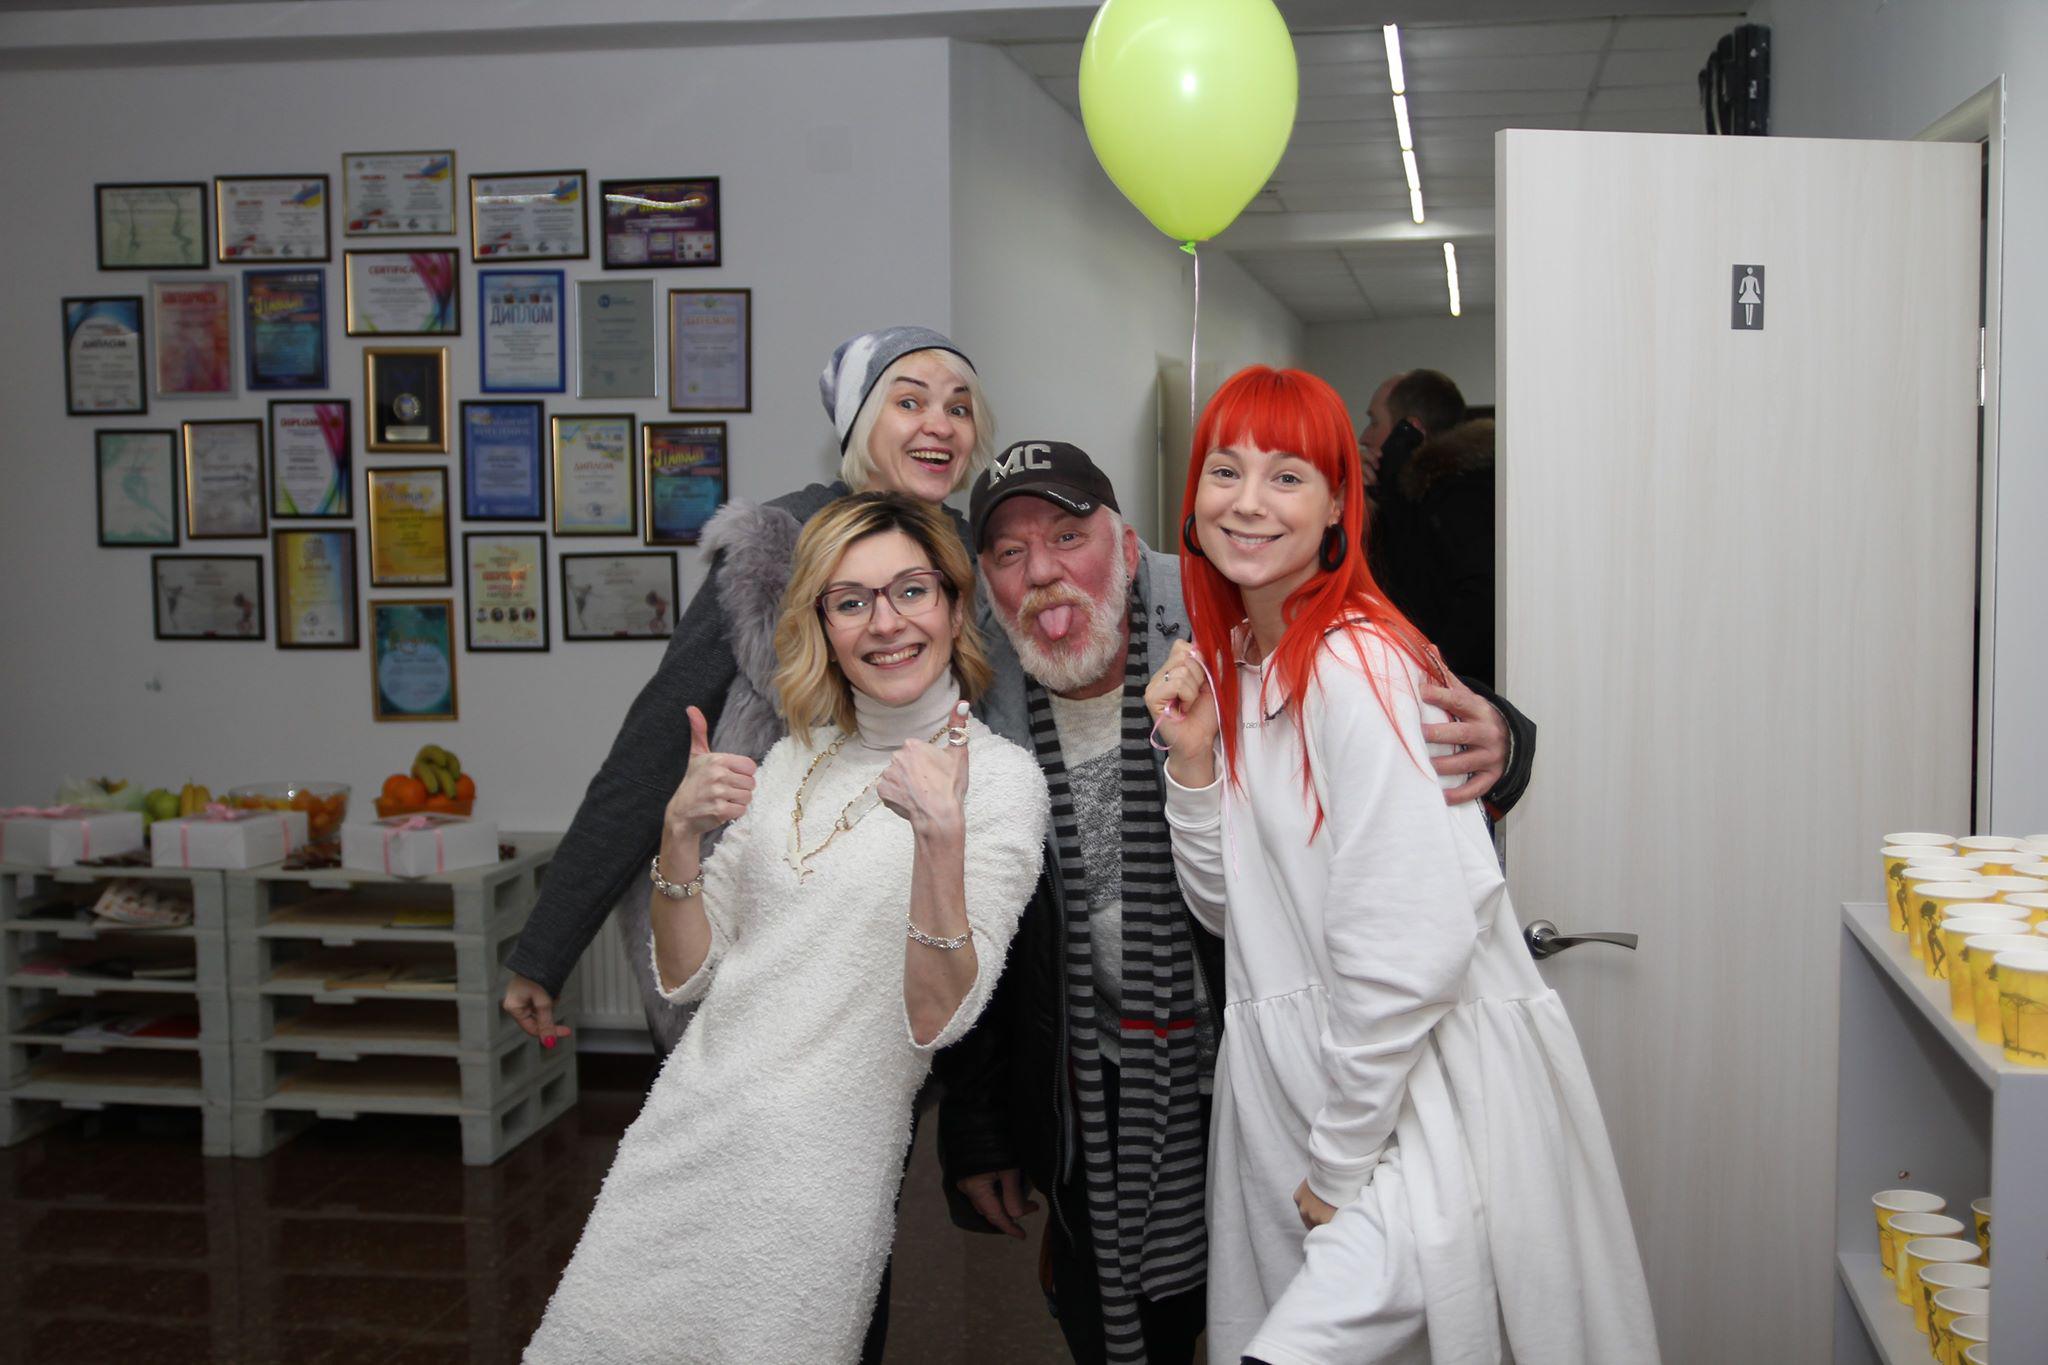 Коллеги Аси. Любимый шоу-бизнес вдохновляет. Фото: А. Коваленко